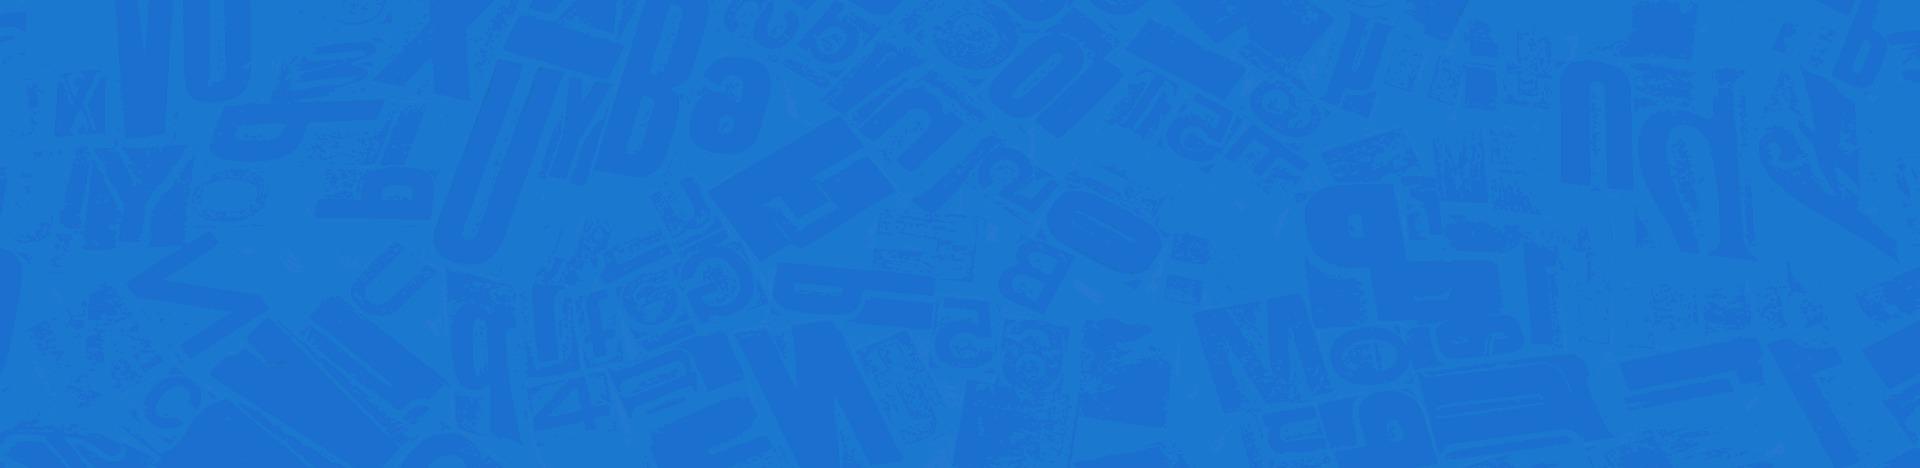 Fontsly (@fontsly) Cover Image